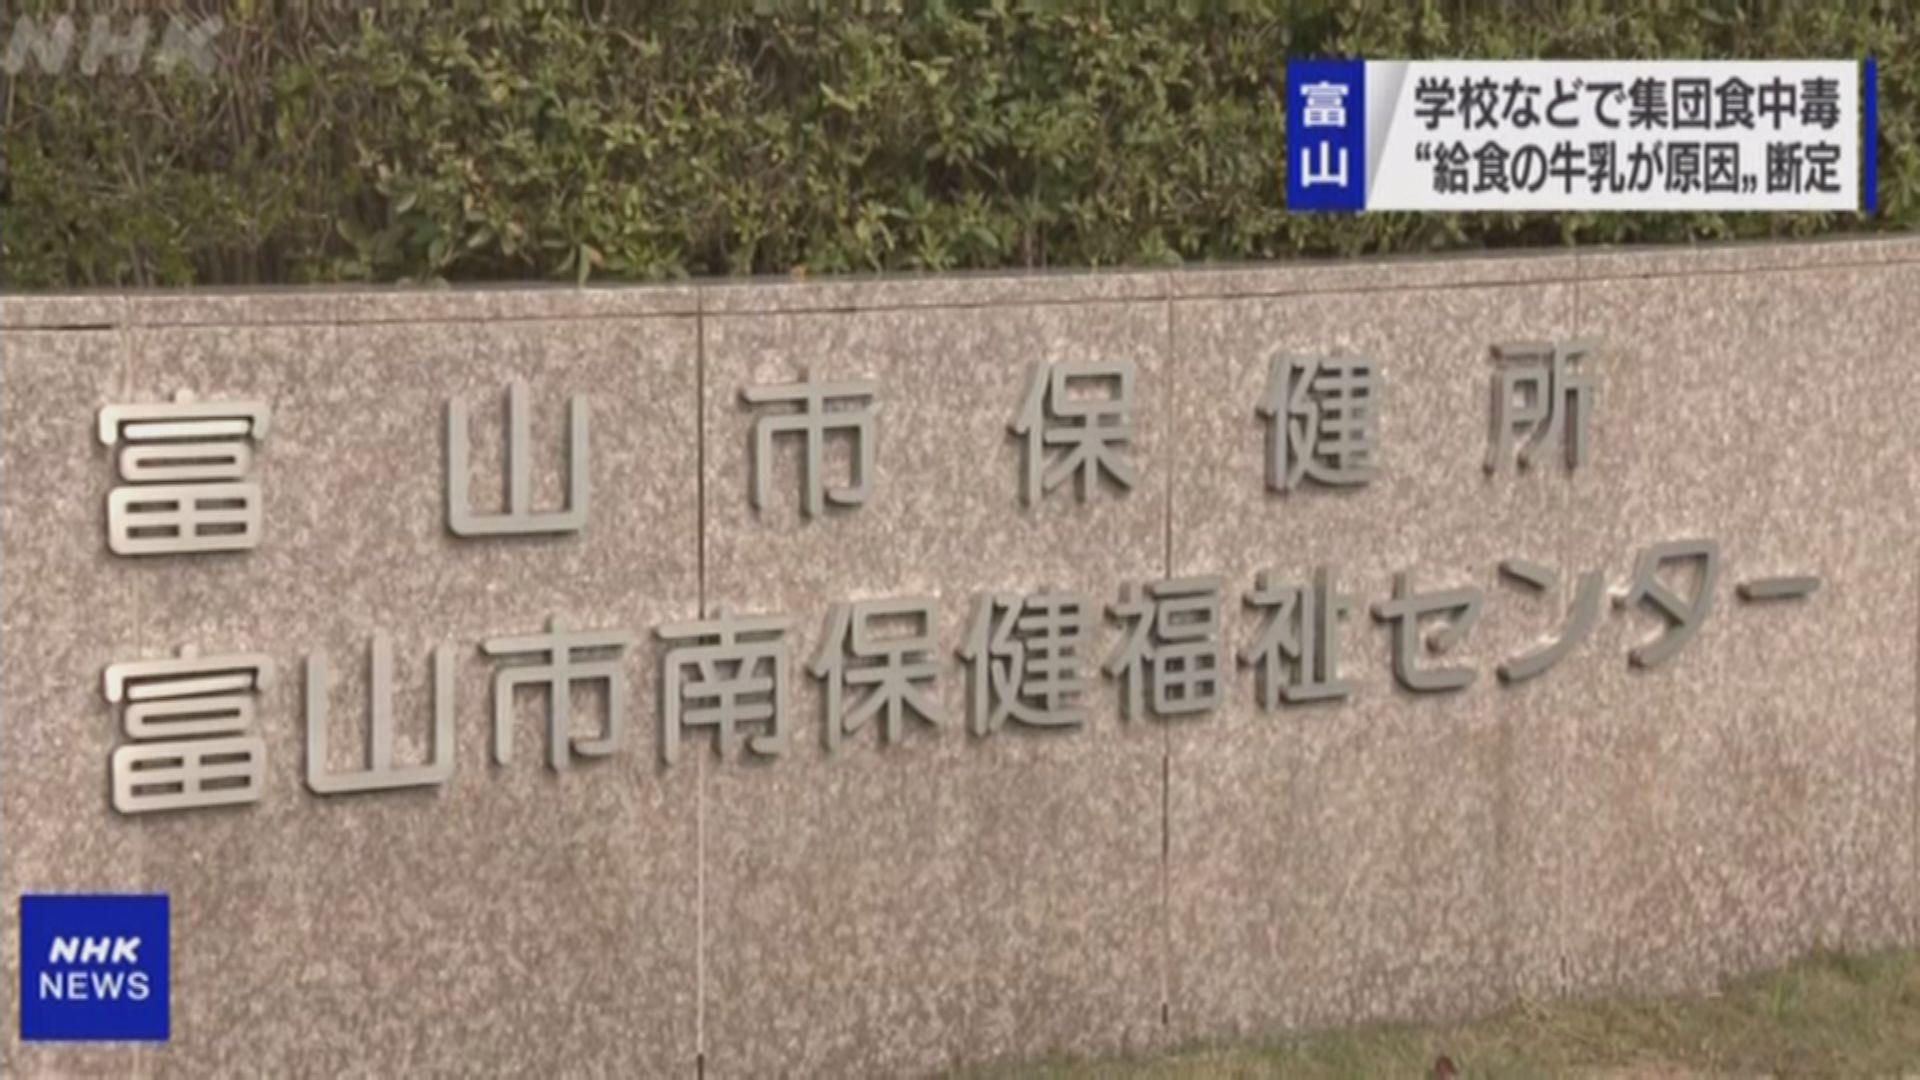 日本富山市逾千五師生集體食物中毒 估計牛奶有問題